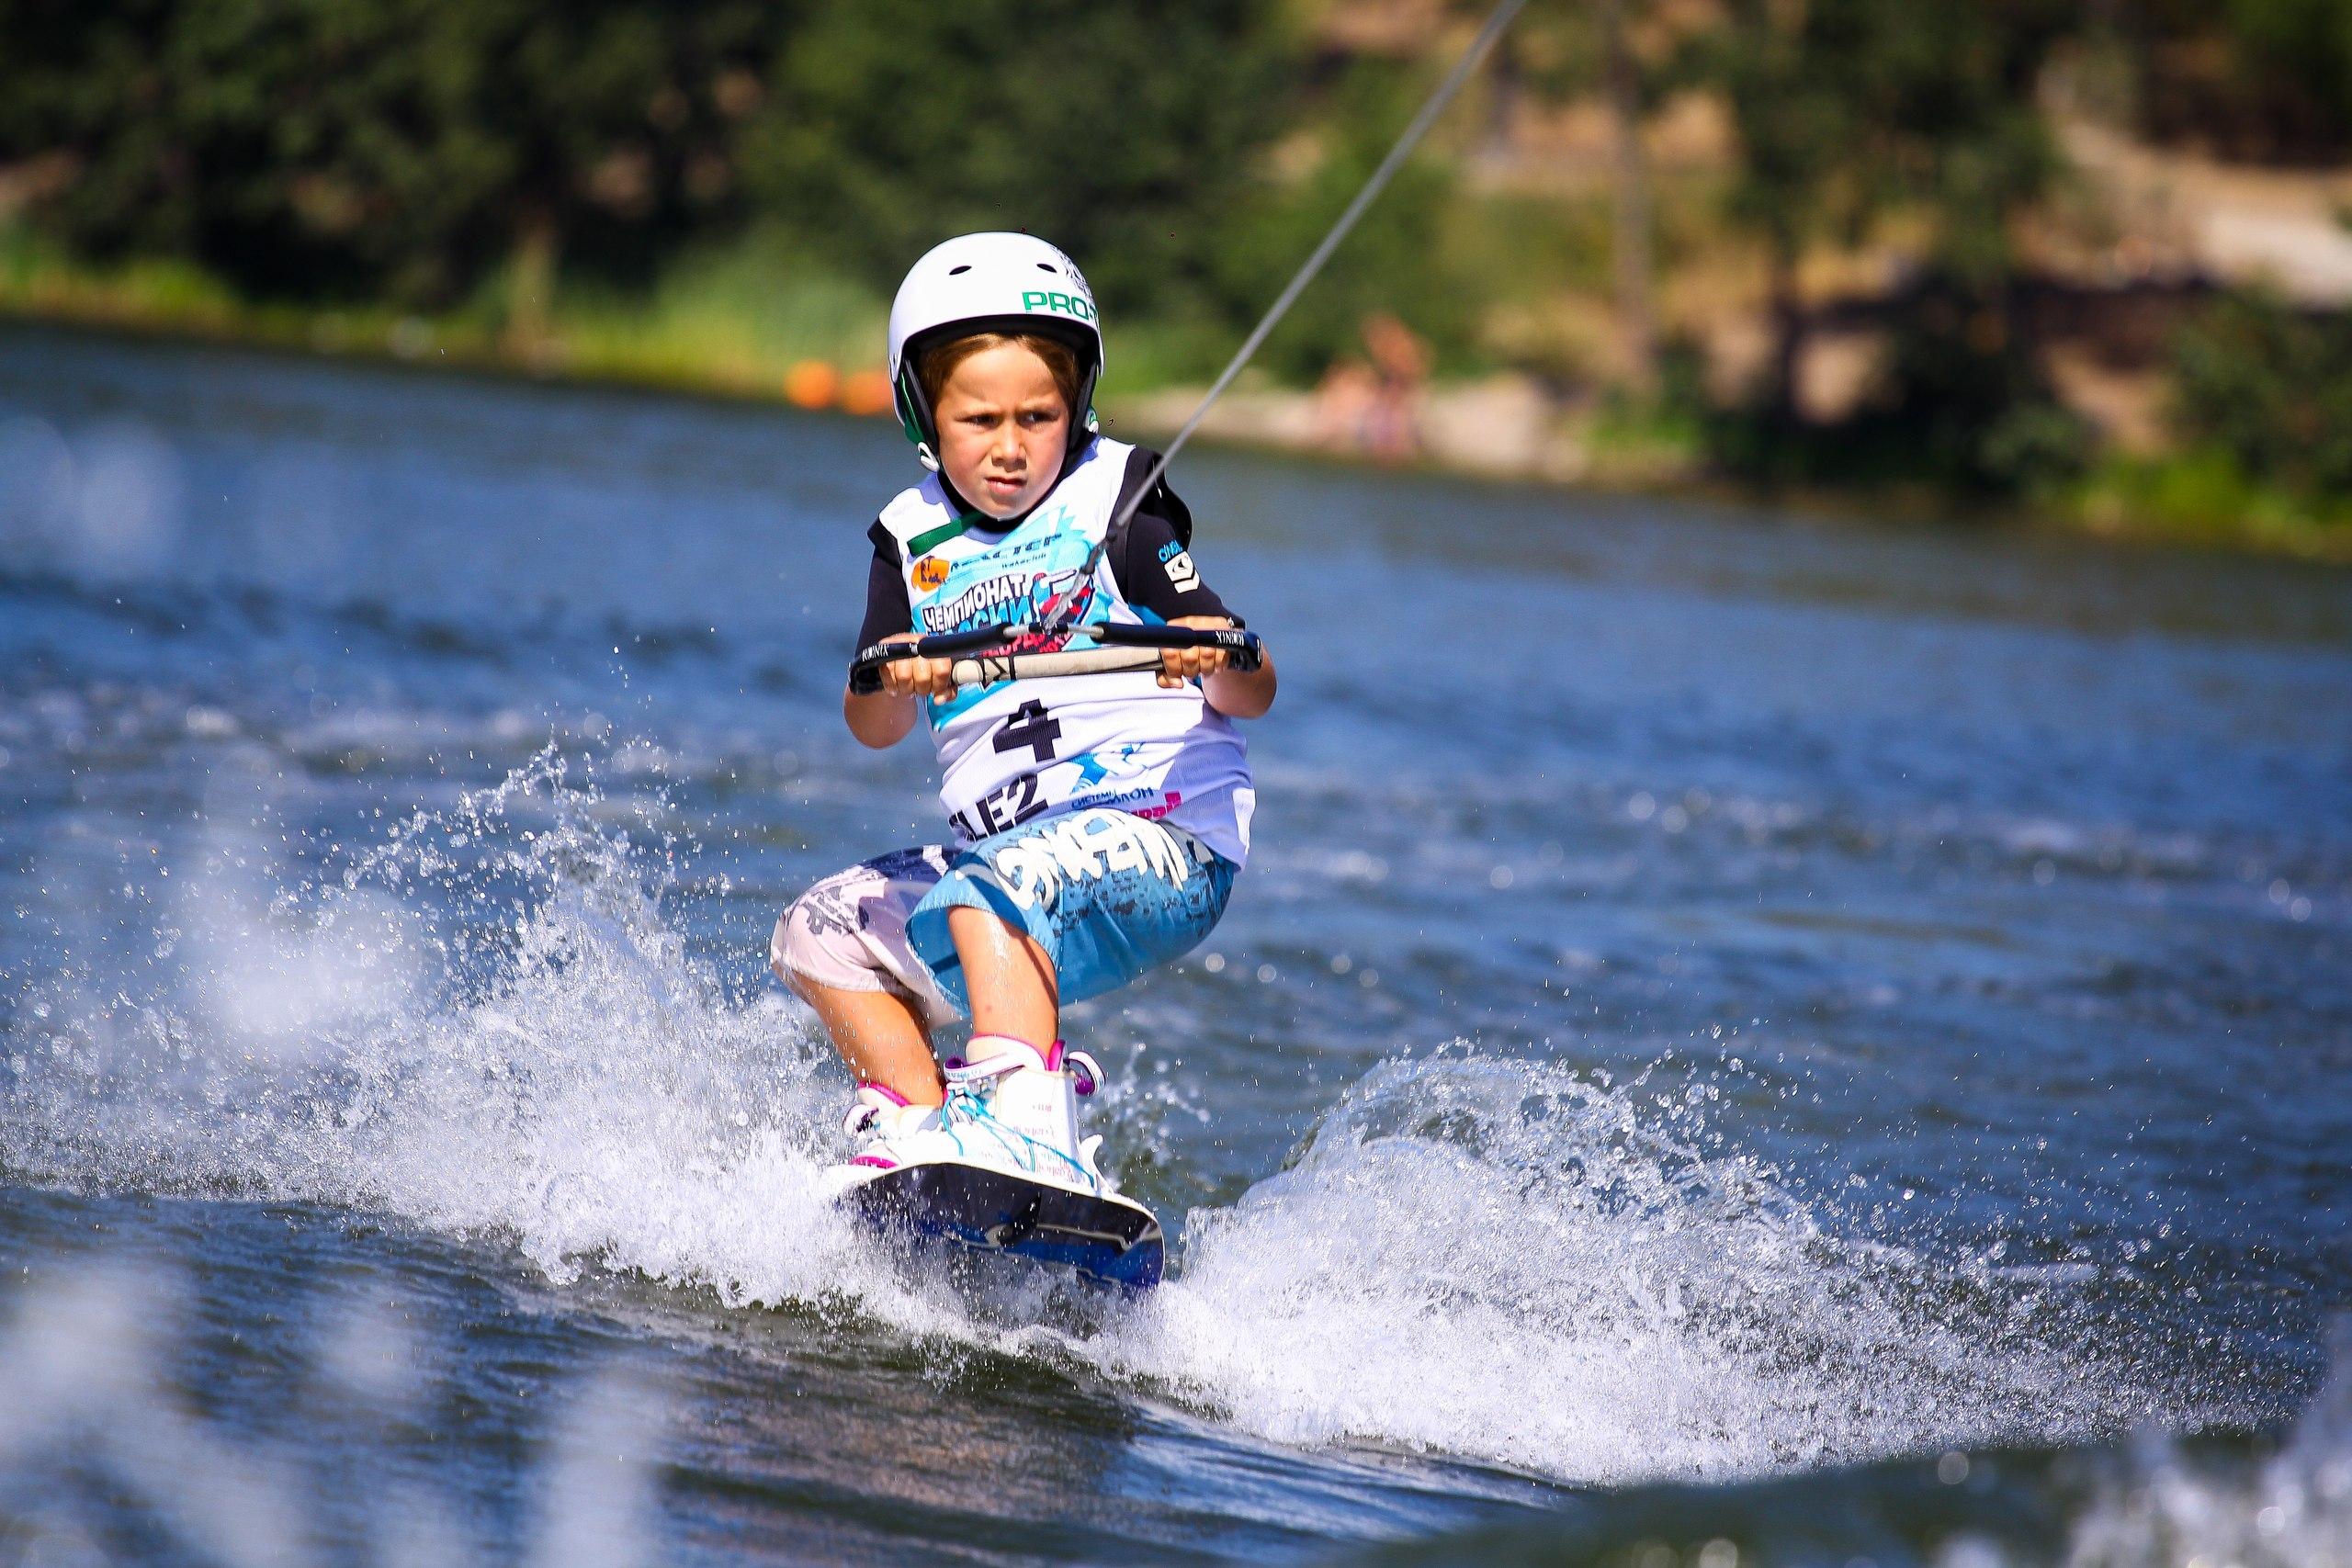 Детский лагерь «Райдер camp» в Миассе (Челябинской области) приглашает провести летние каникулы у